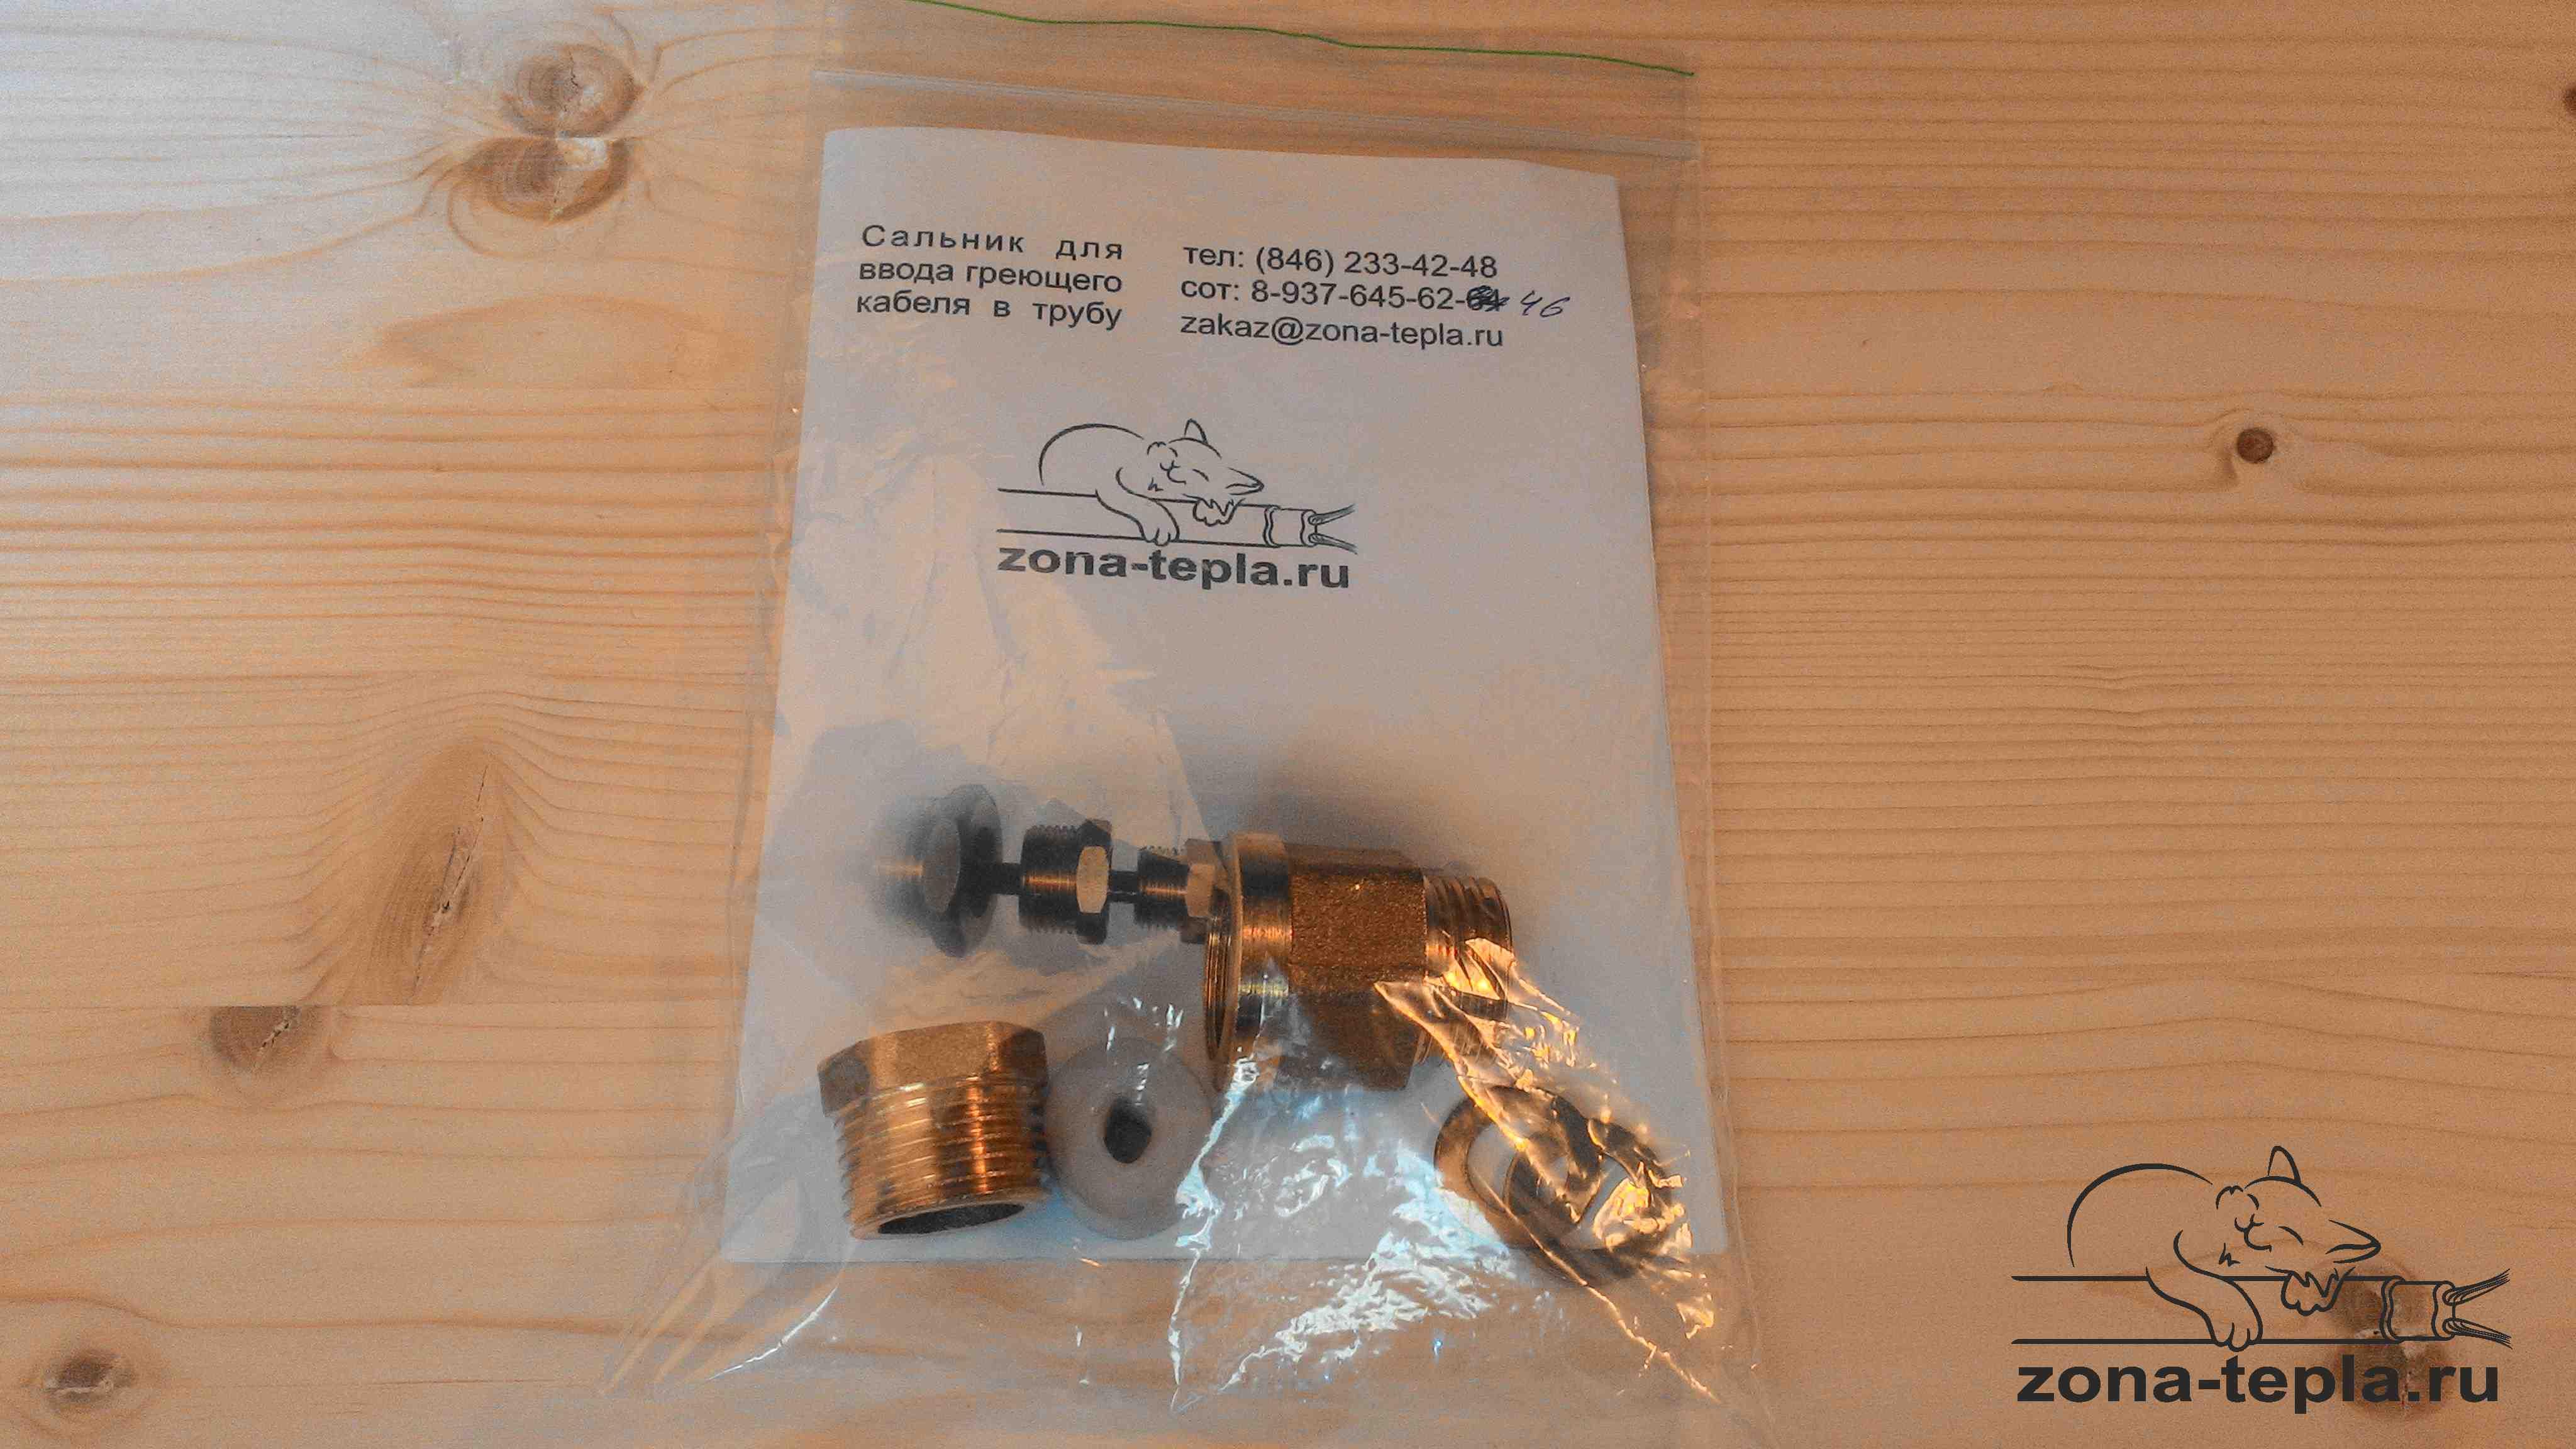 Cальник для ввода греющего кабеля в трубу